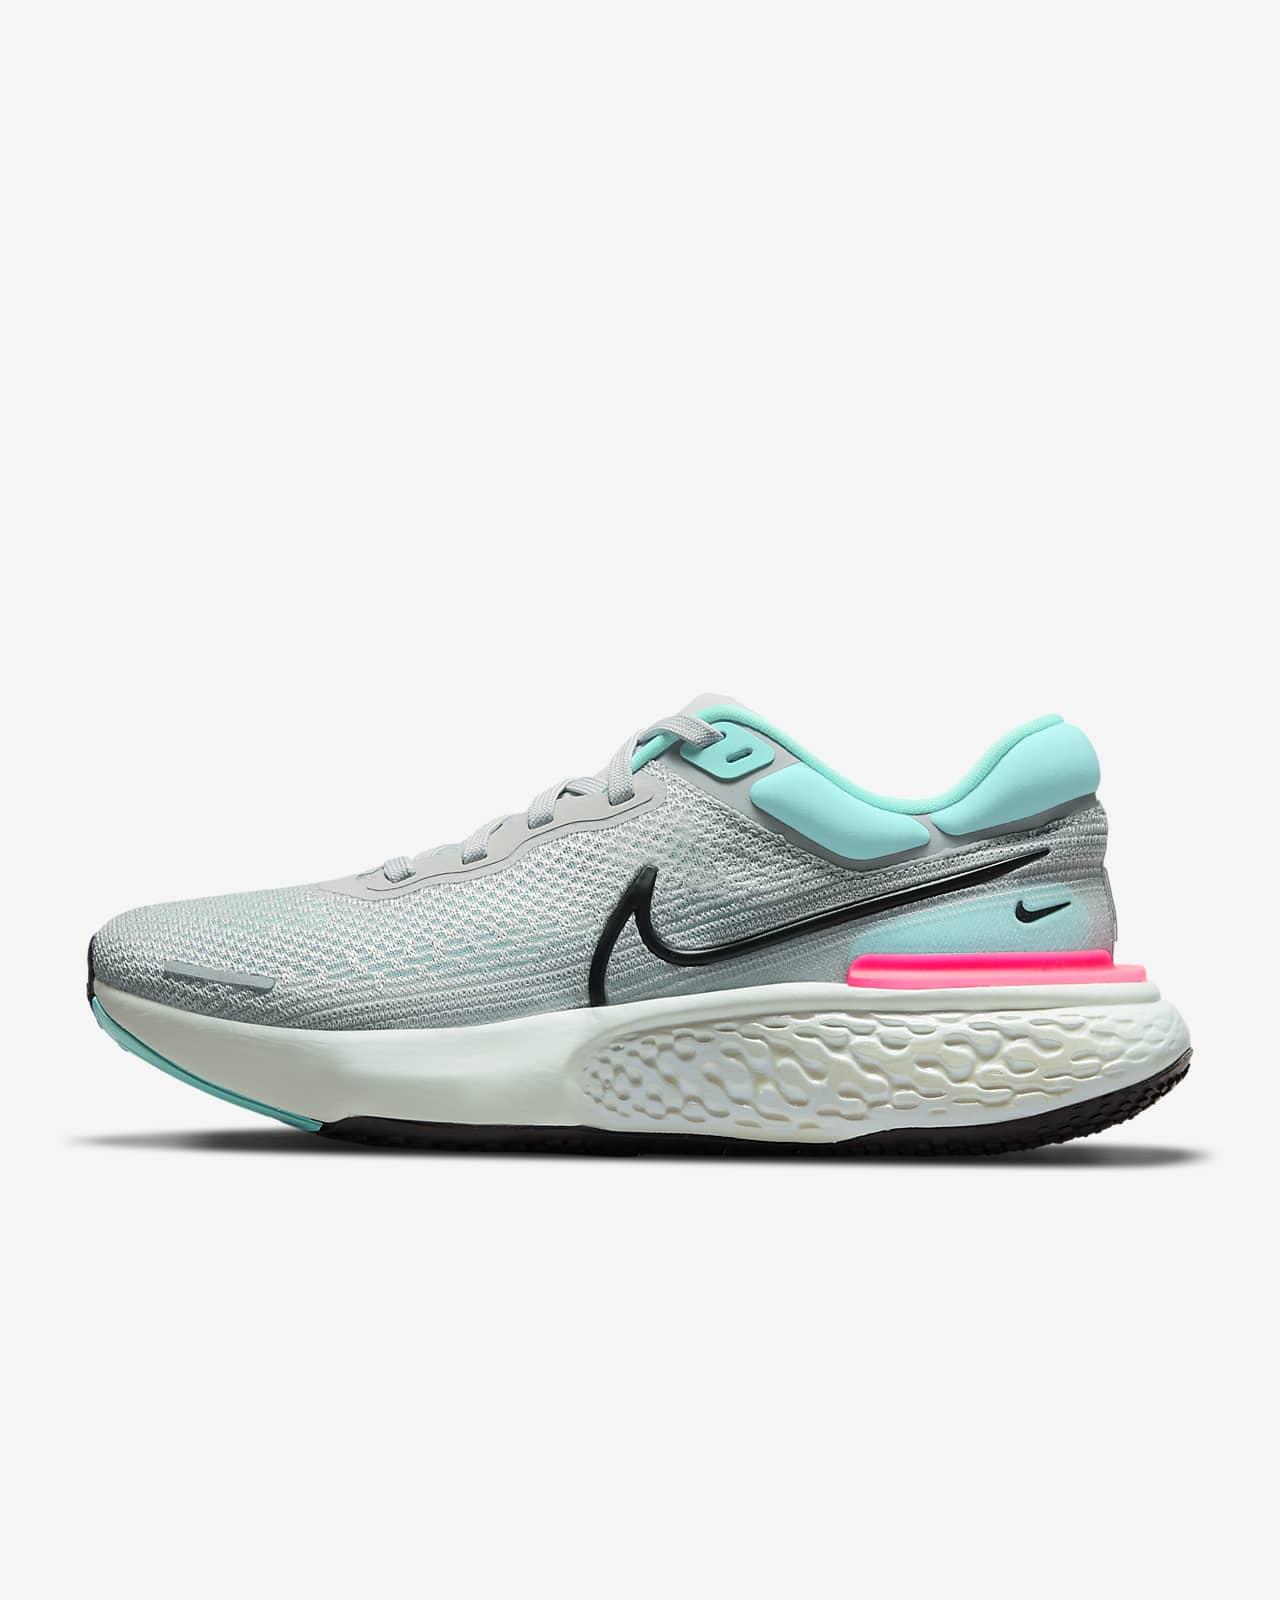 Calzado de running en carretera para hombre Nike ZoomX Invincible Run Flyknit